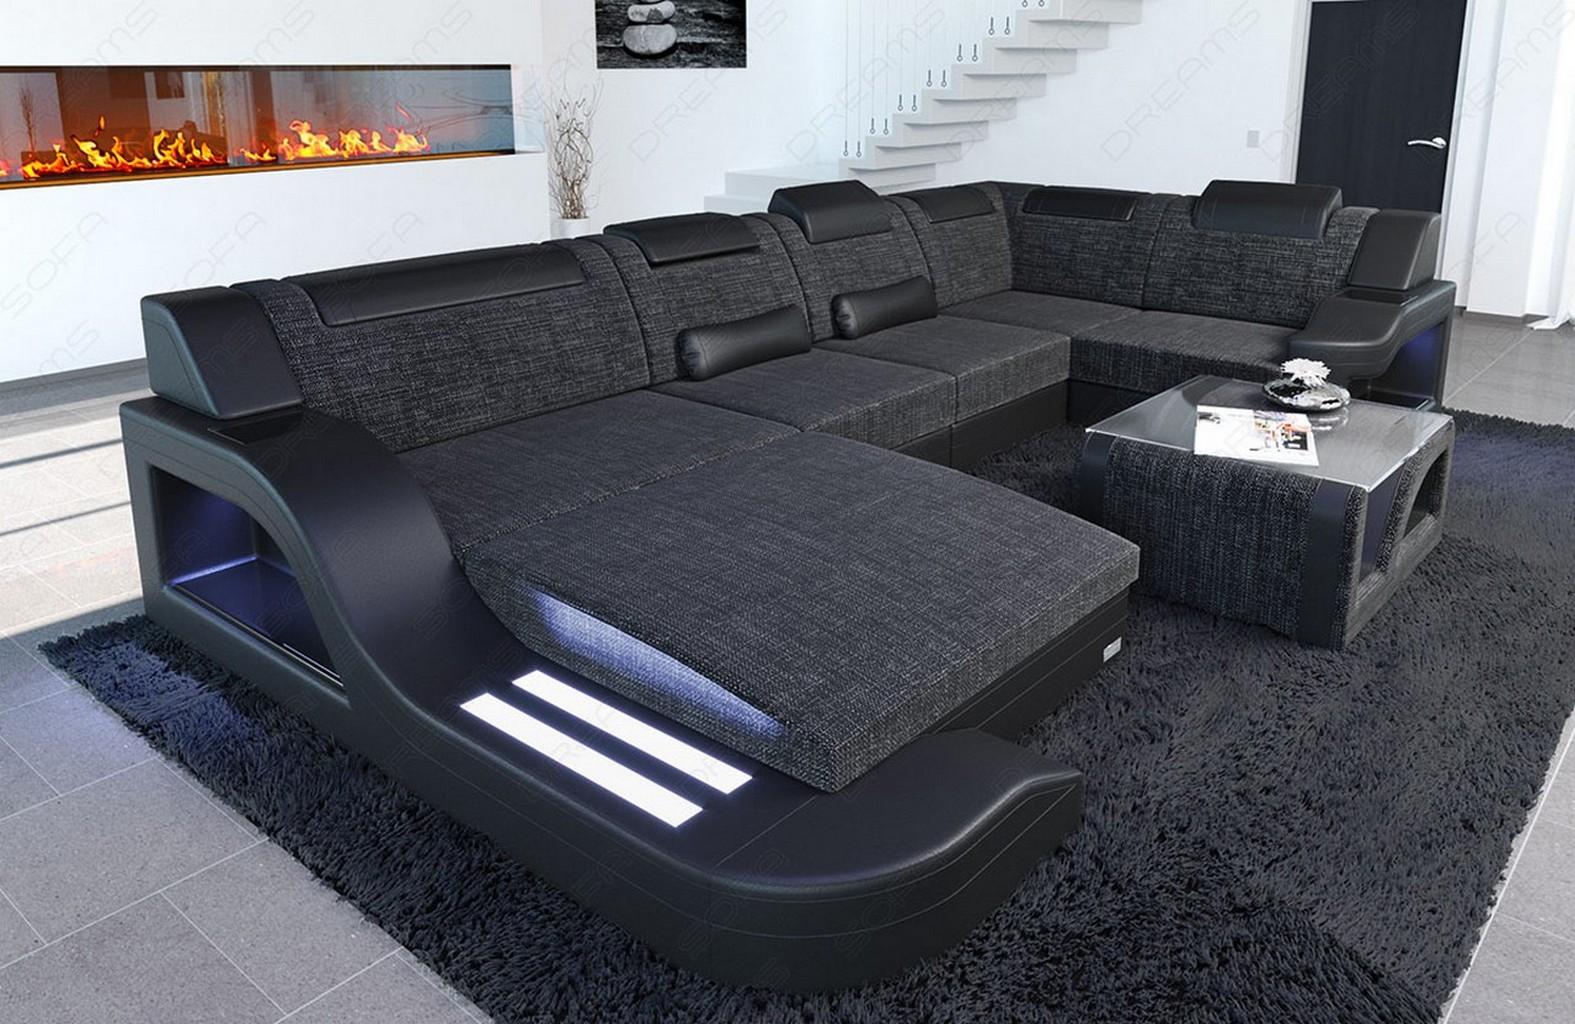 wohnlandschaft designer stoff palermo u form grau mit led. Black Bedroom Furniture Sets. Home Design Ideas